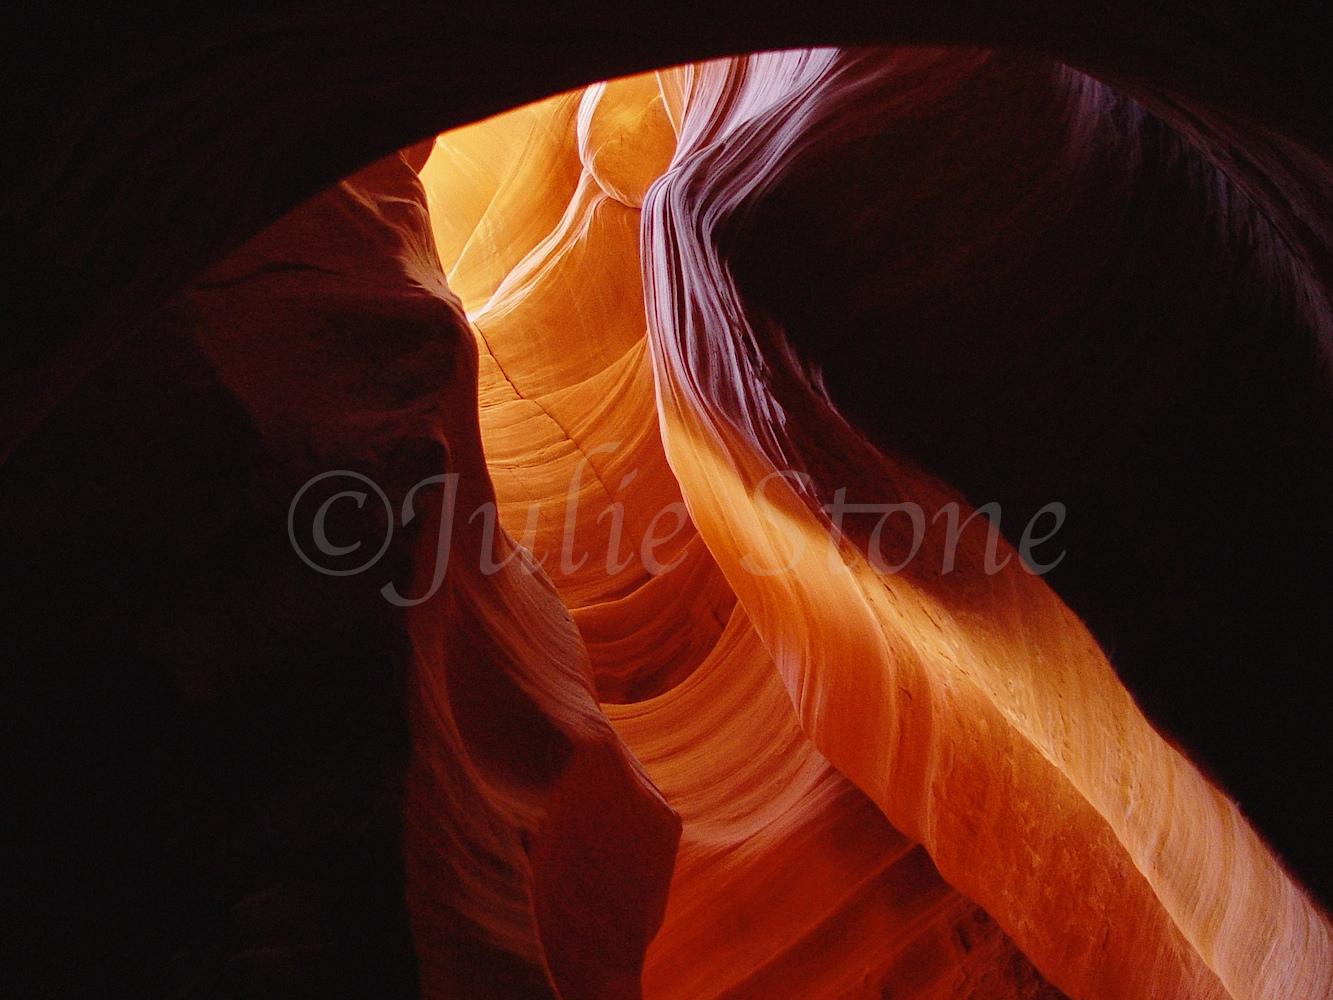 Canyon X 2002 (2)